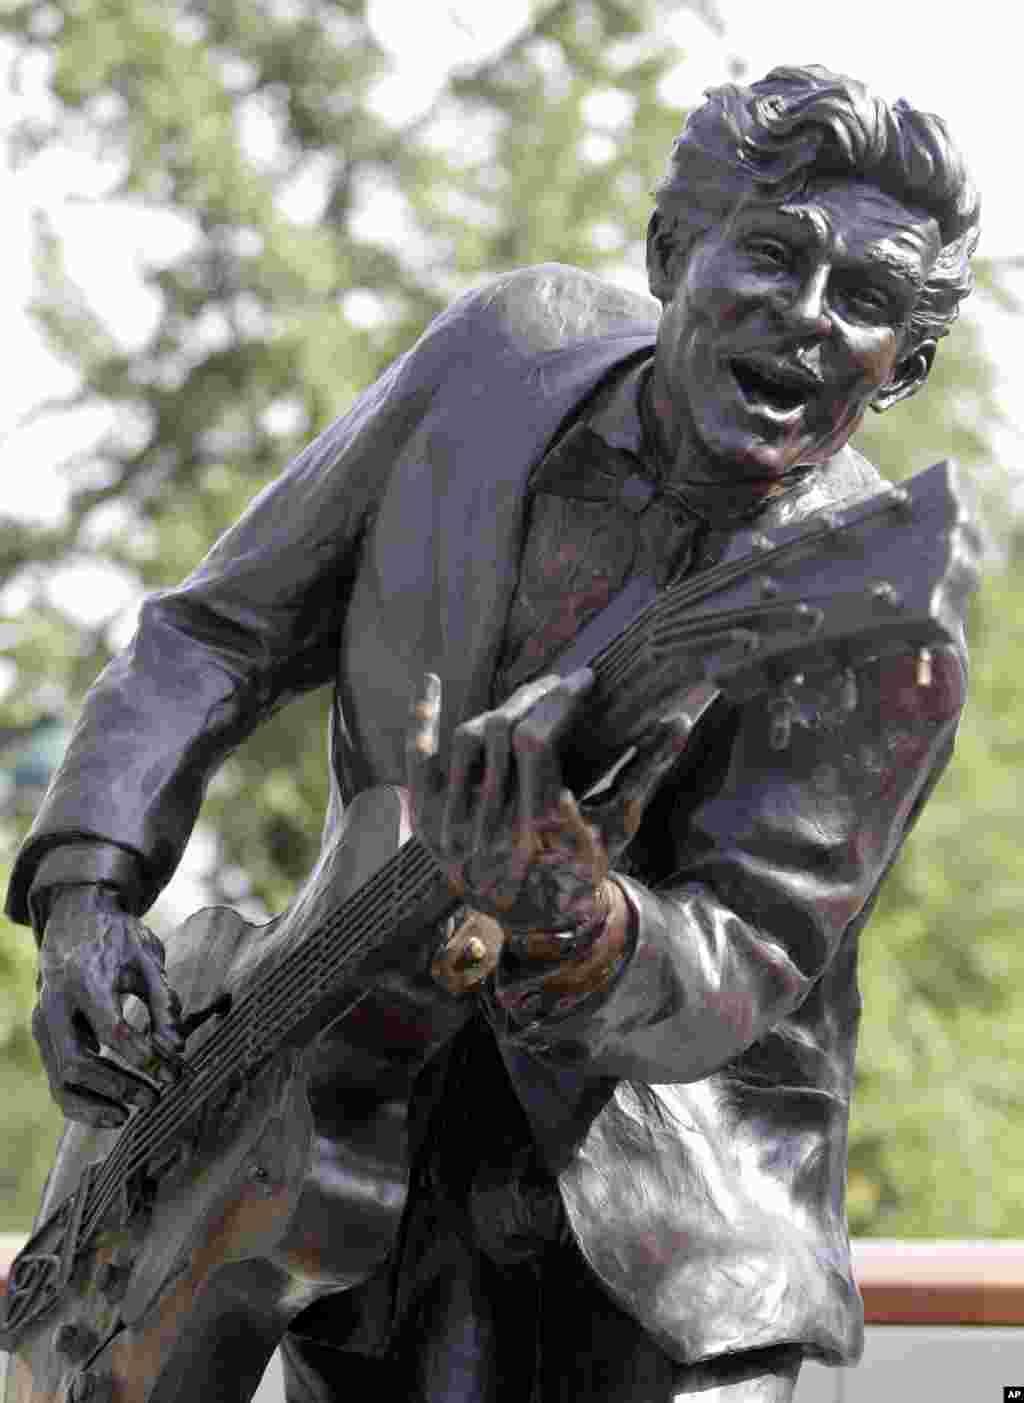 В июле 2011 в Юниверсити Сити, штат Миссури, установили бронзовую скульптуру Чака Берри - даже когда музыканту перевалило за 80, он продолжал регулярно выступать в местном клубе. (AP Photo/Jeff Roberson)